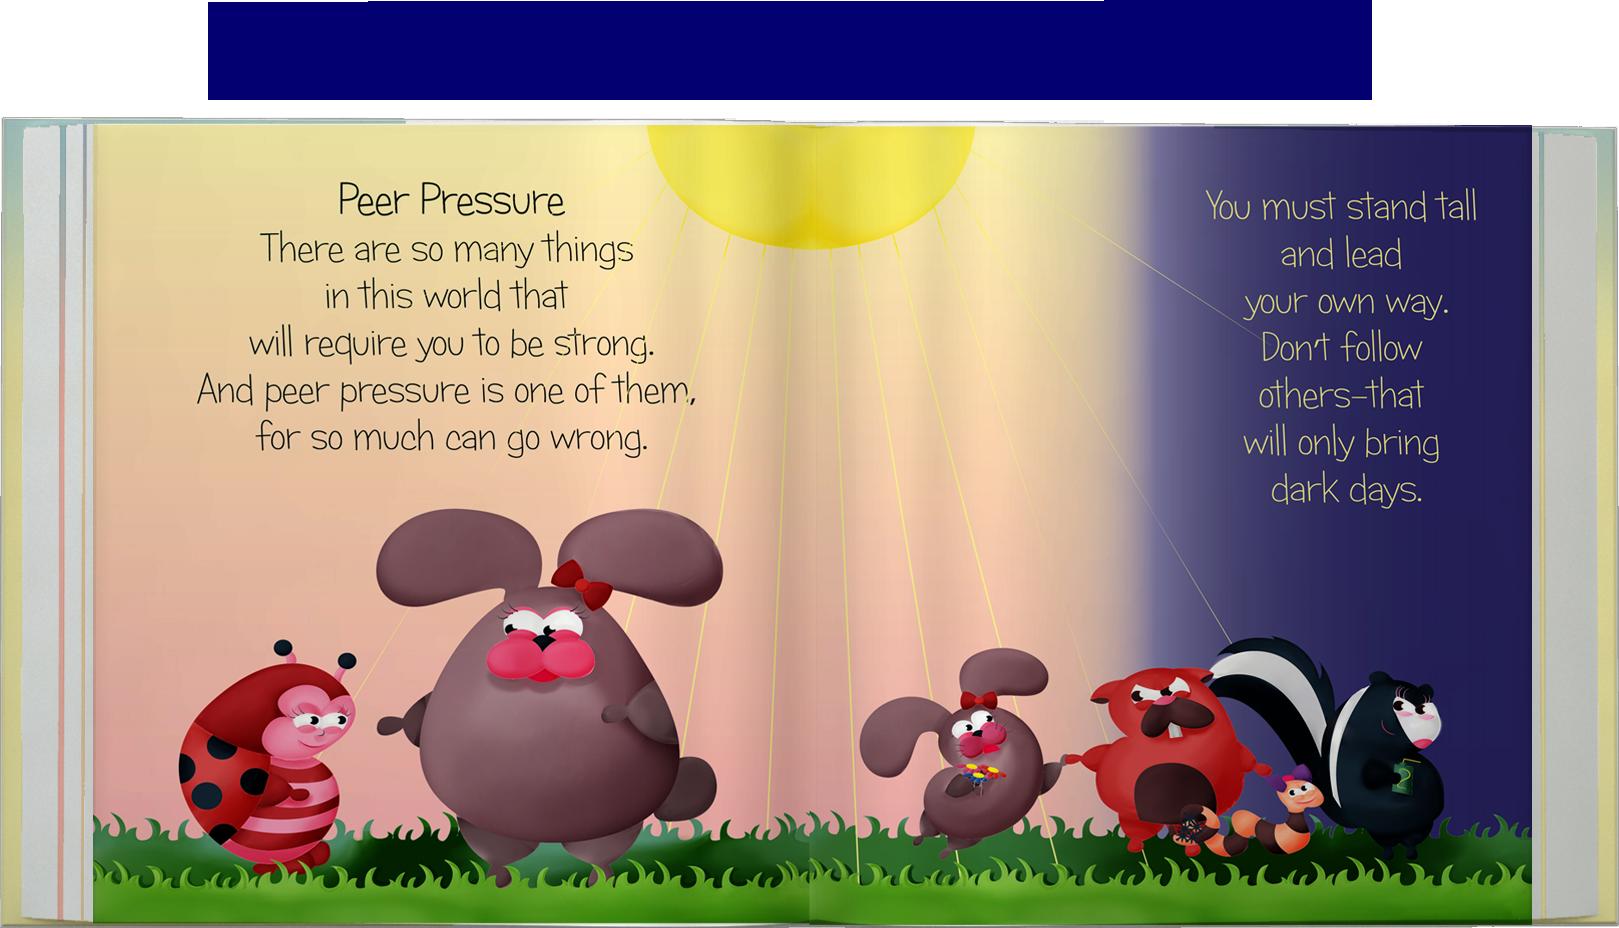 peer pressure(2).png